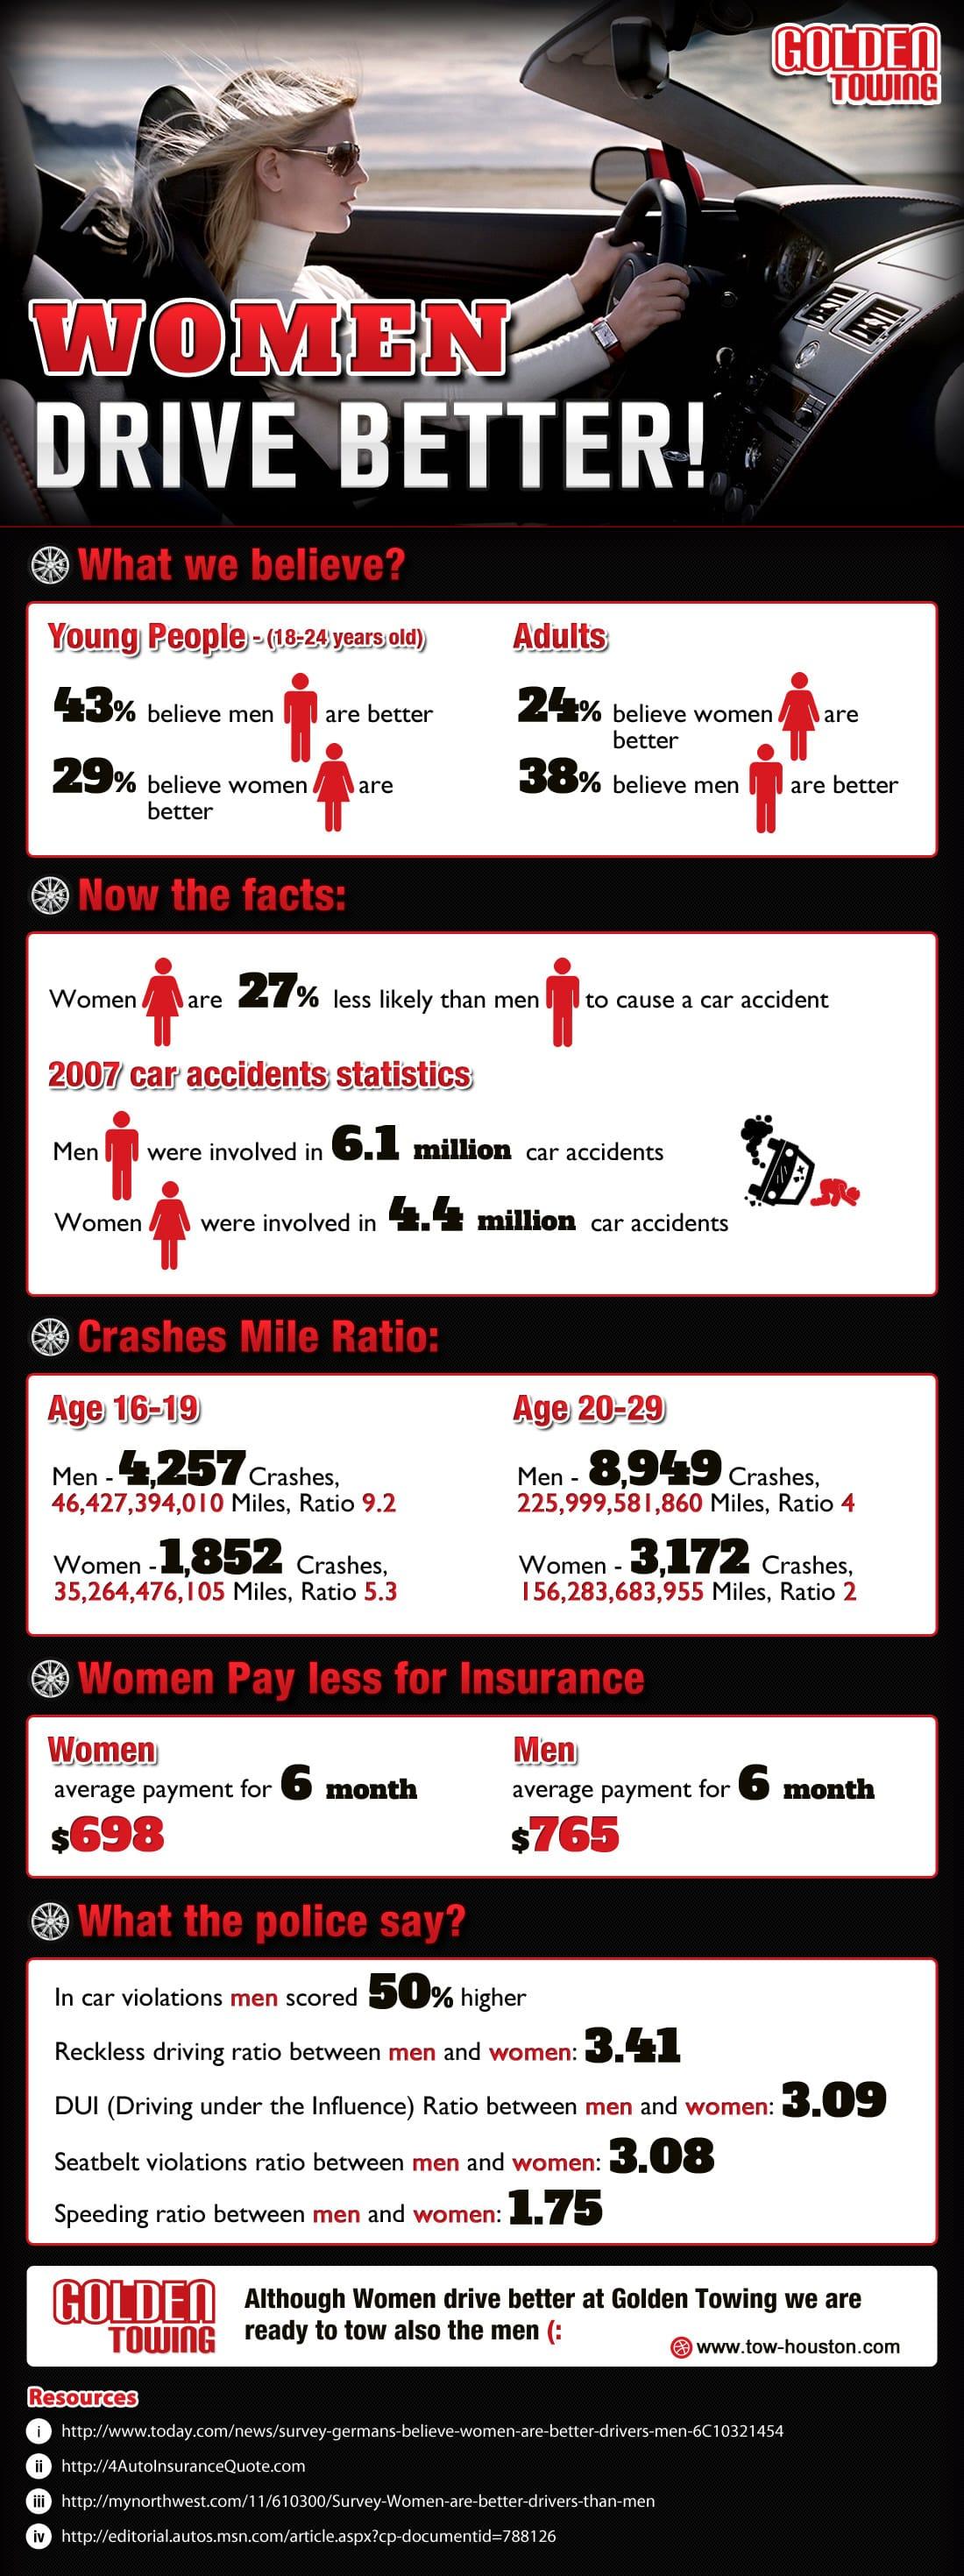 Women Drive Better Info